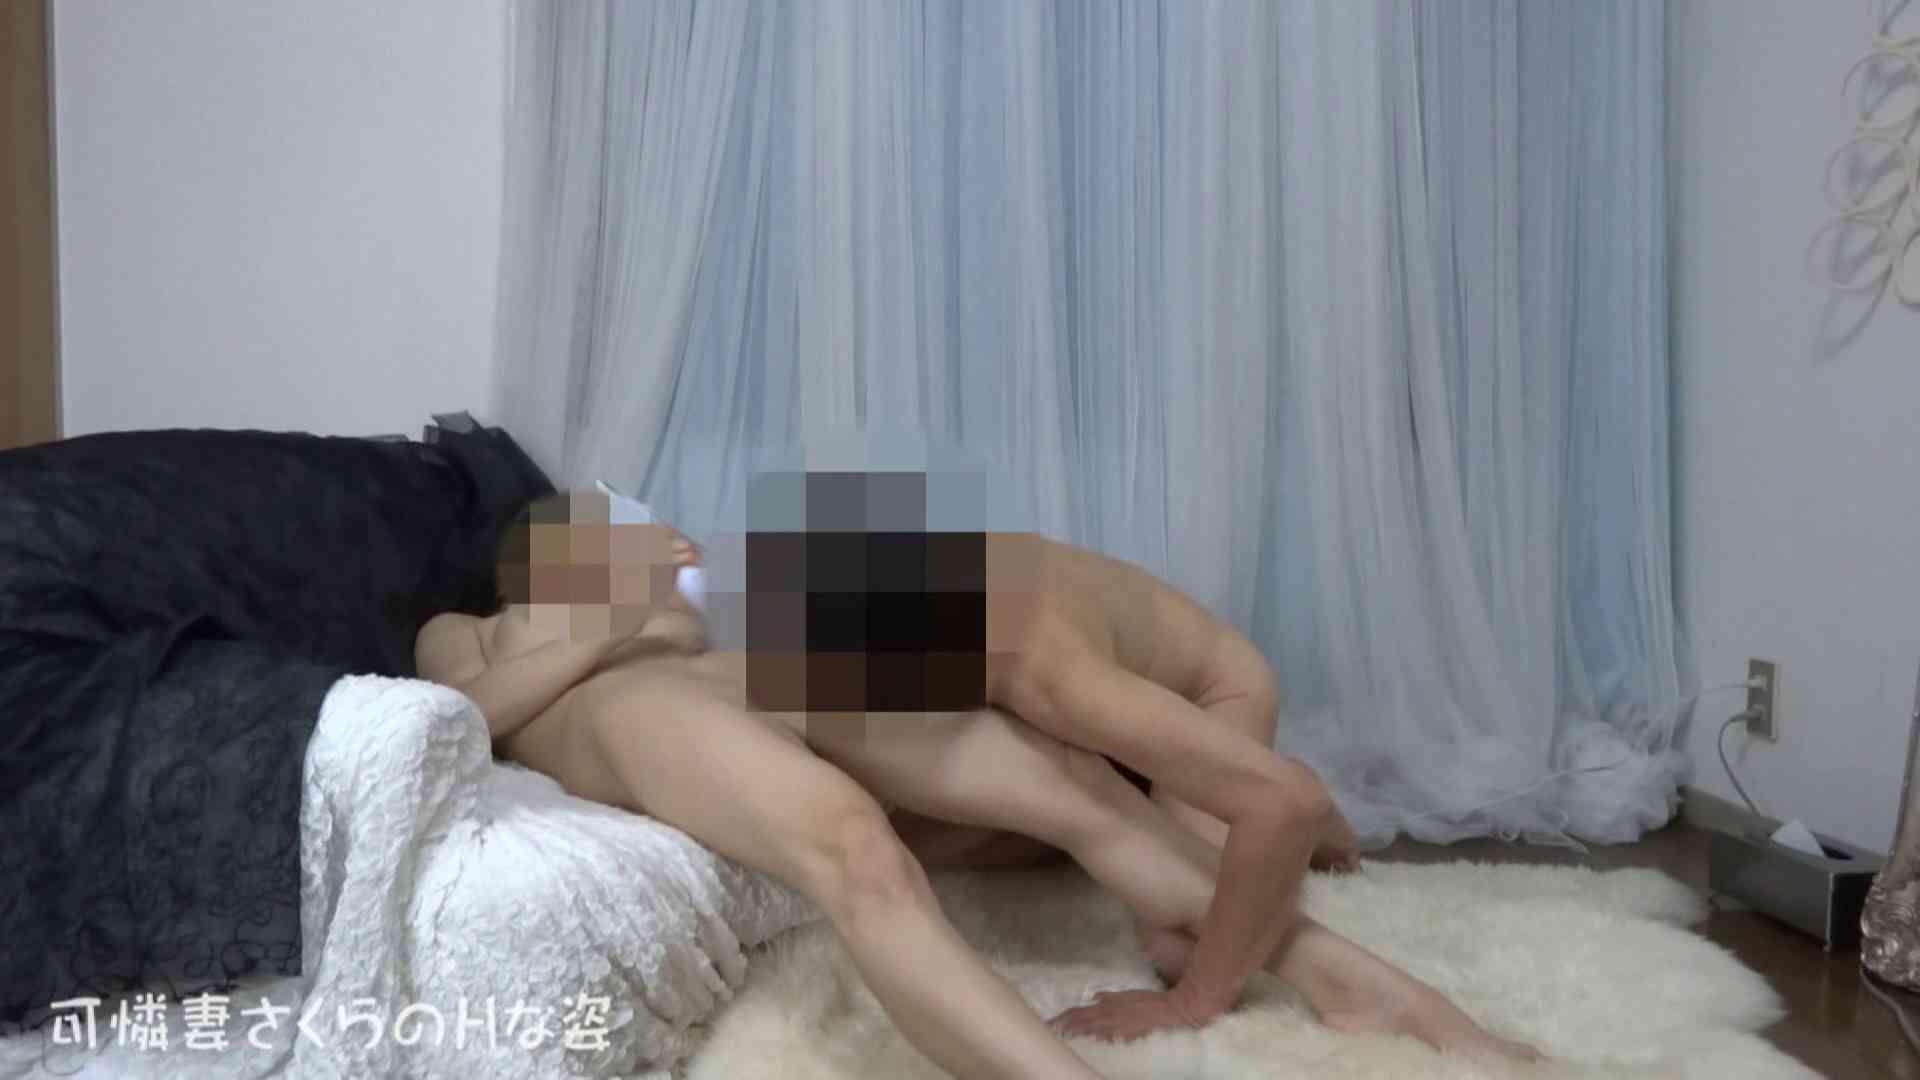 可憐妻さくらのHな姿vol.29 オナニー すけべAV動画紹介 106pic 11